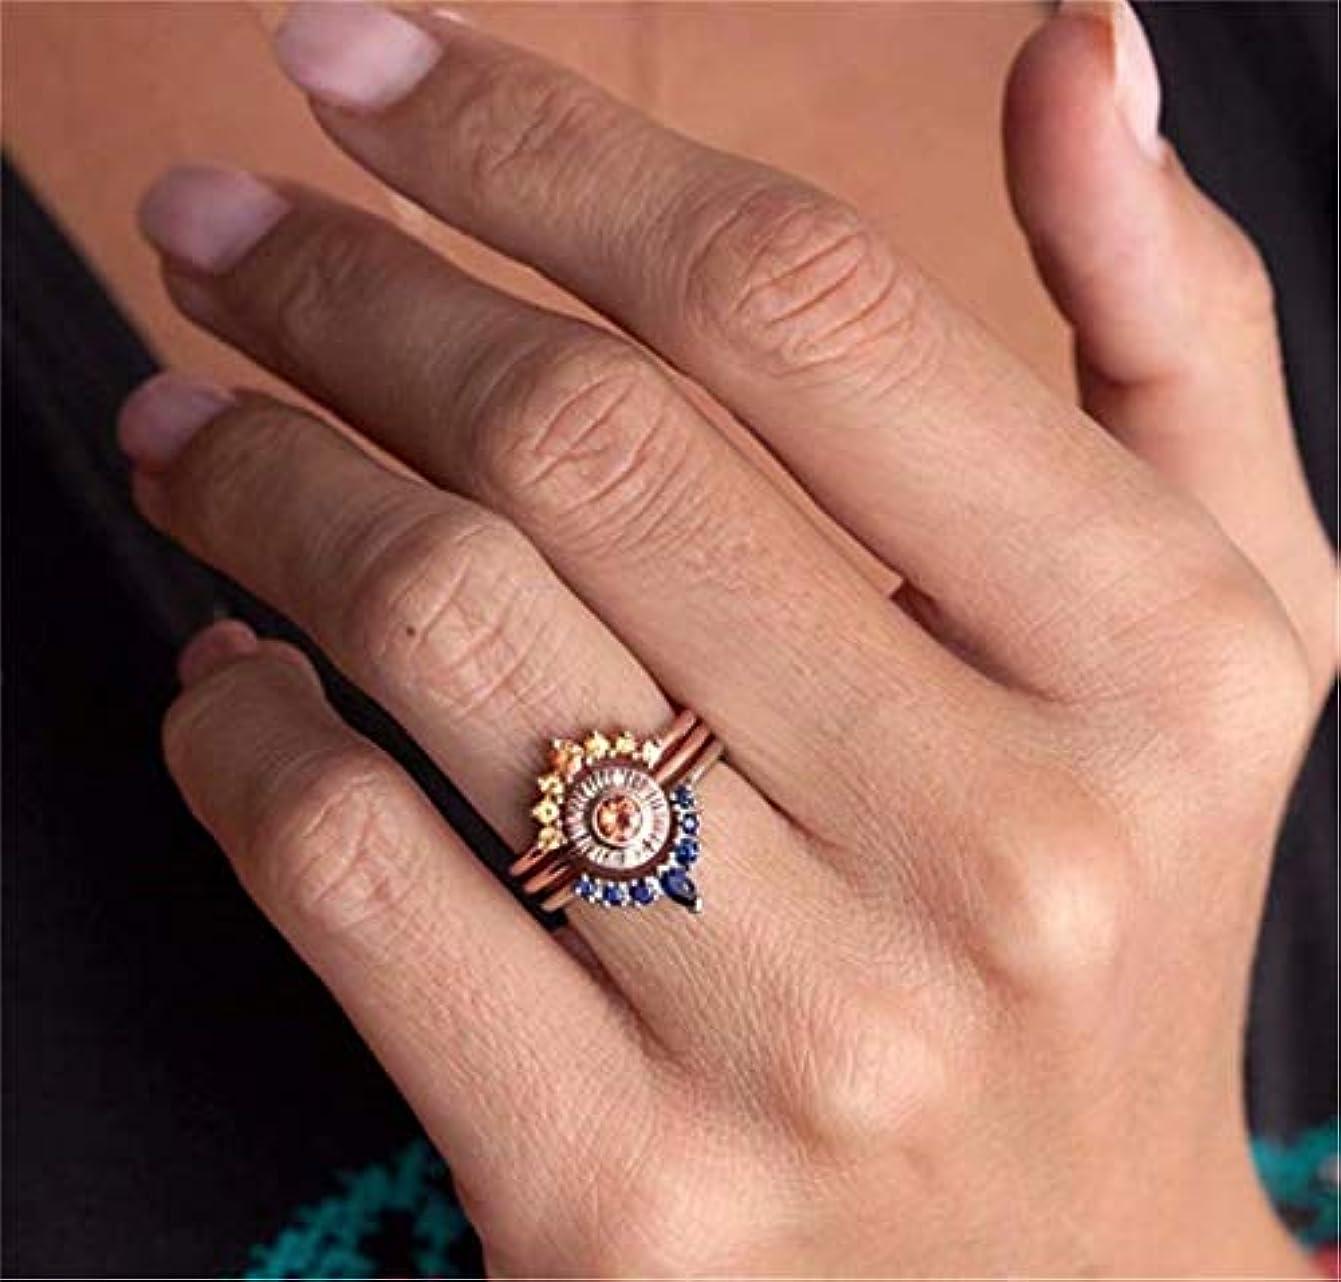 行動計算可能開示する七里の香 指輪 ペアリング レディース メンズ リング キュービックジルコニア 結婚指輪 婚約指輪 シンプル フラワー 花 セット